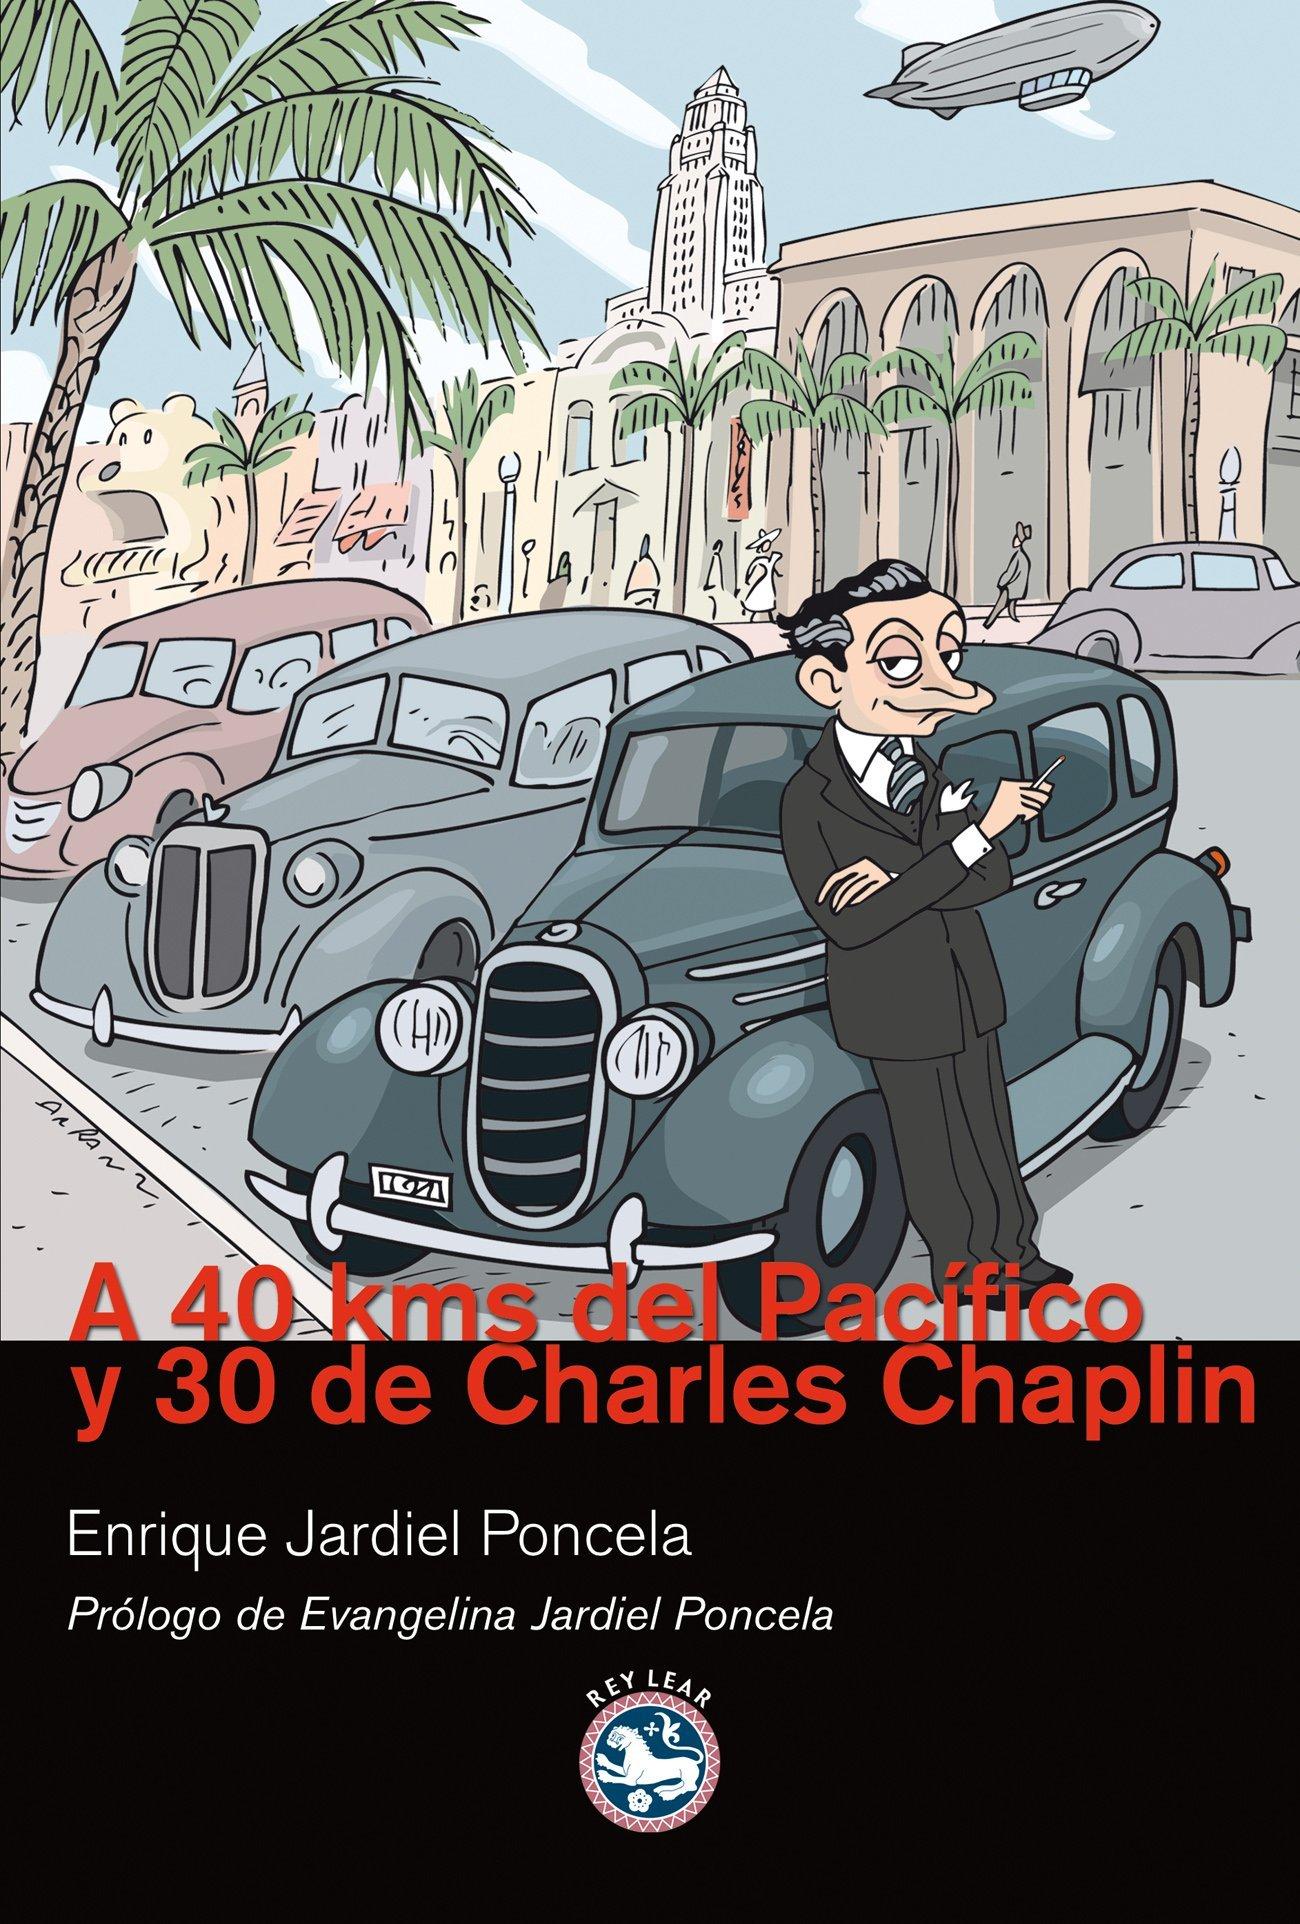 Download A 40 kms del Pacífico y 30 de Charles Chaplin pdf